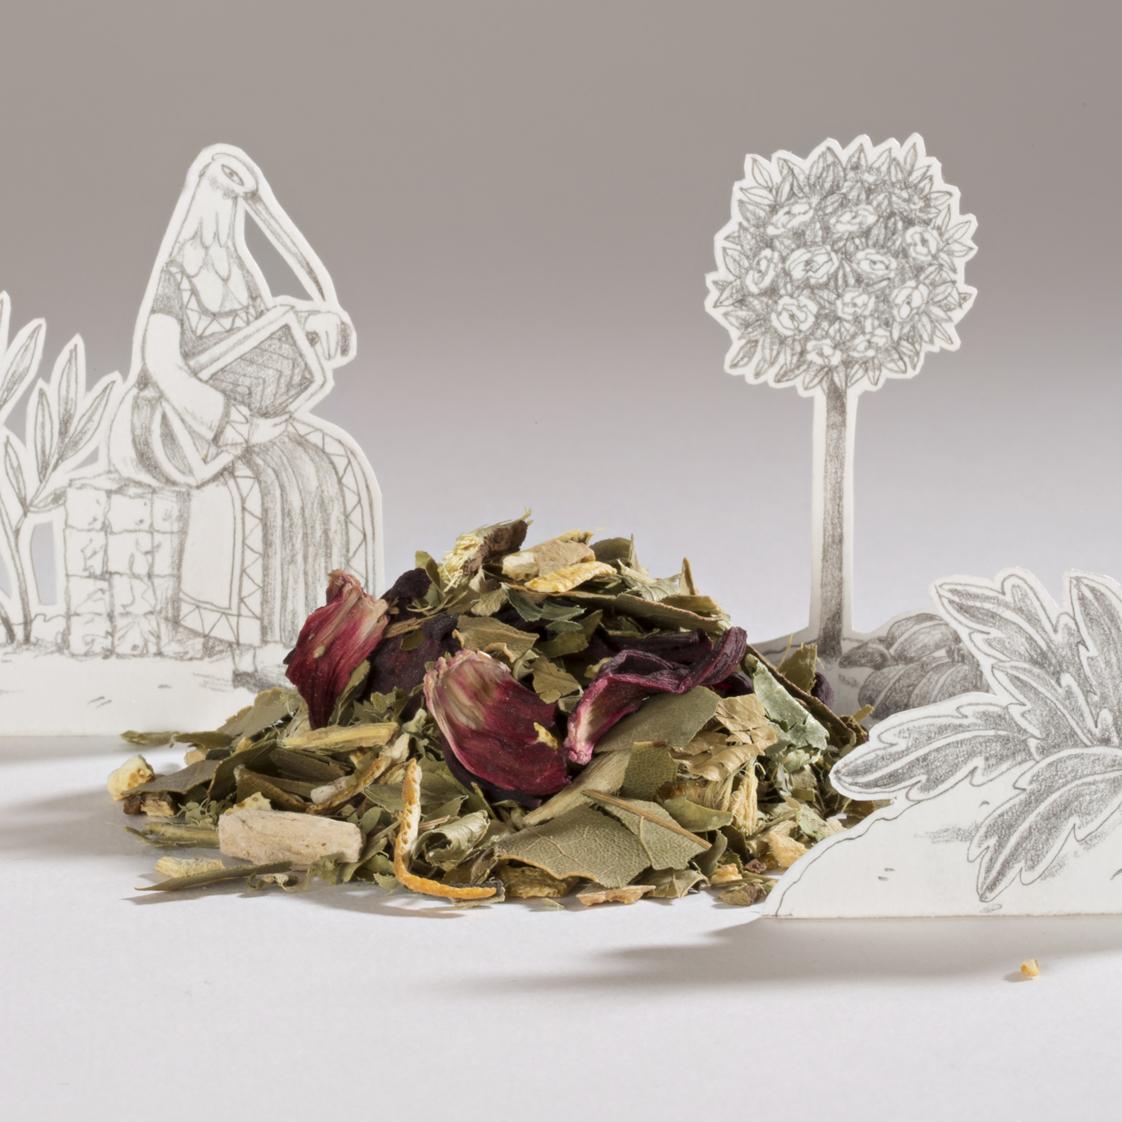 Le jardin arabo-andalou, une infusion créative de la collection Portraits d'oiseaux de Comme des tisanes.Le jardin arabo-andalou, une infusion créative de la collection Jardins & délices de Comme des tisanes.